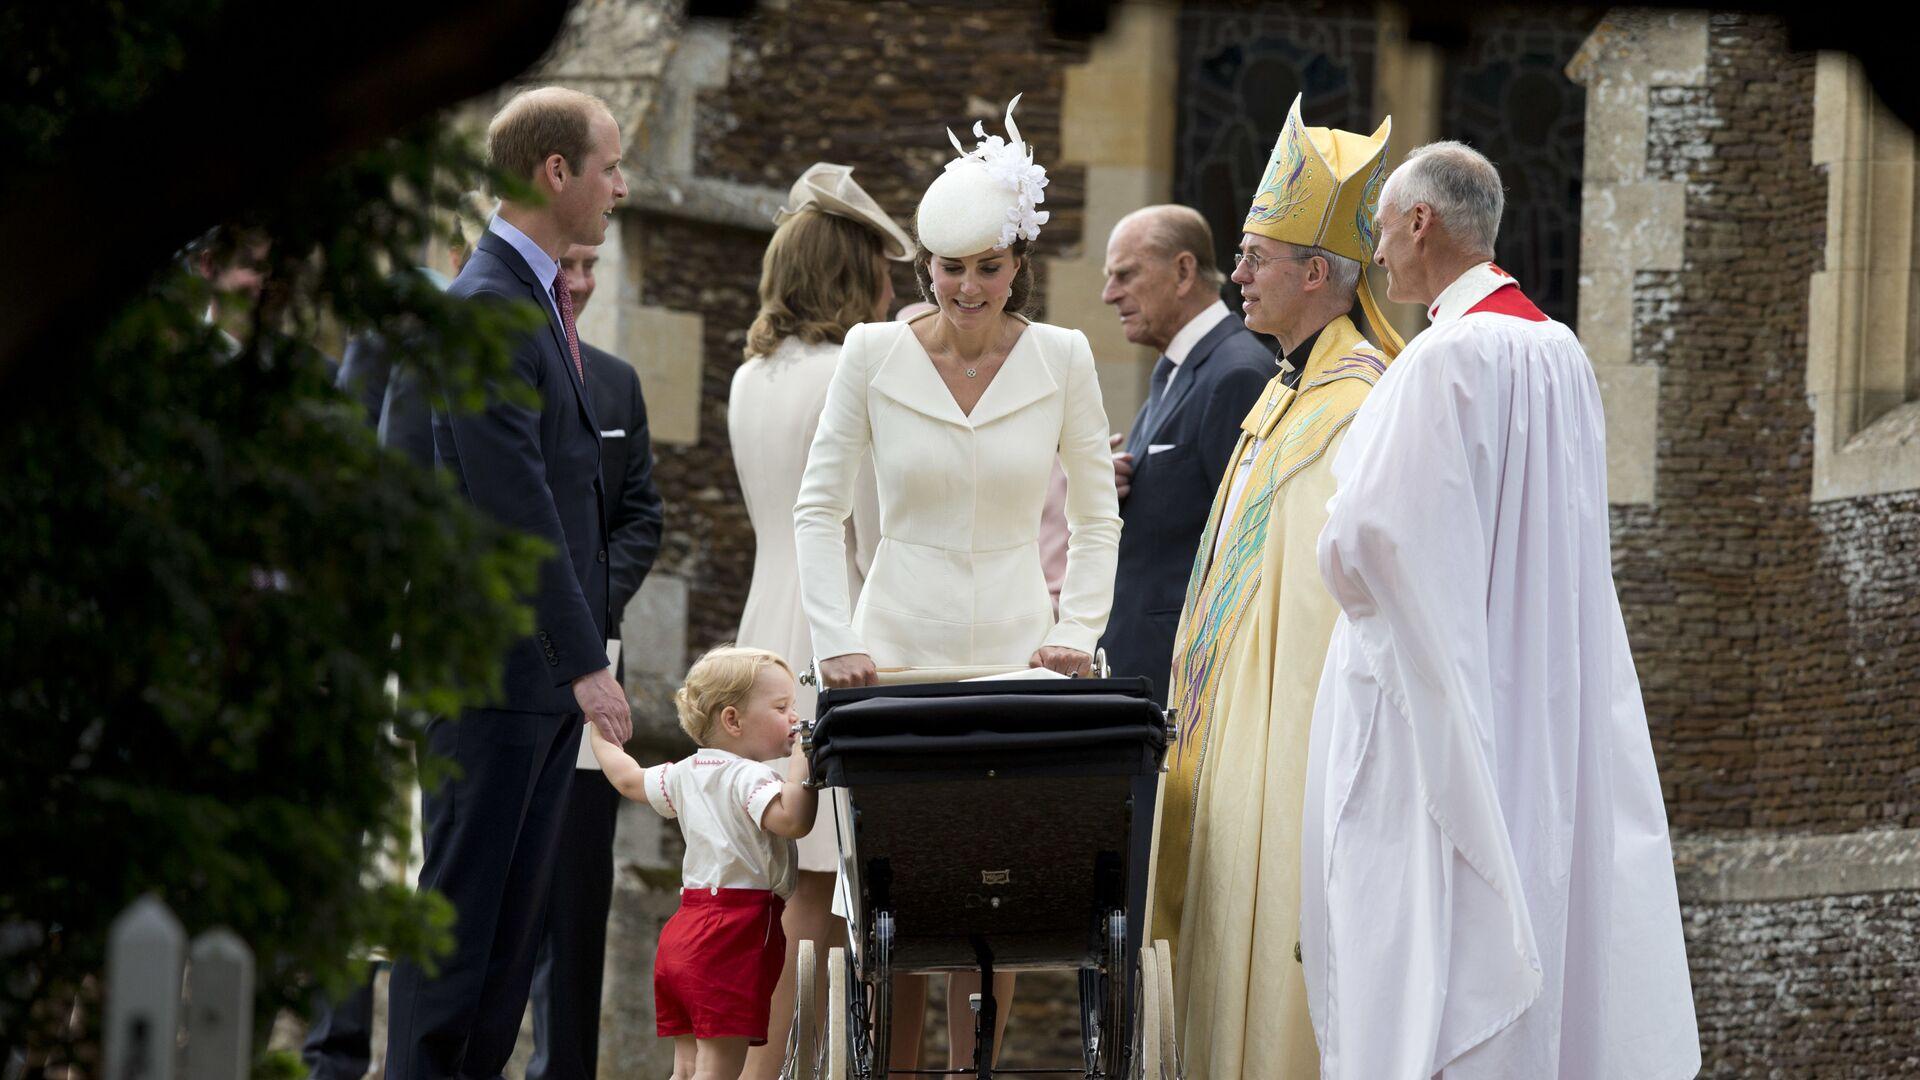 Britský princ George nahlíží do kočárku se svou sestrou Charlottou po jejím křtu v kostele sv. Marie Magdaleny, vedle nich jsou jejich rodiče princ William a vévodkyně z Cambridge Kate. - Sputnik Česká republika, 1920, 26.04.2021